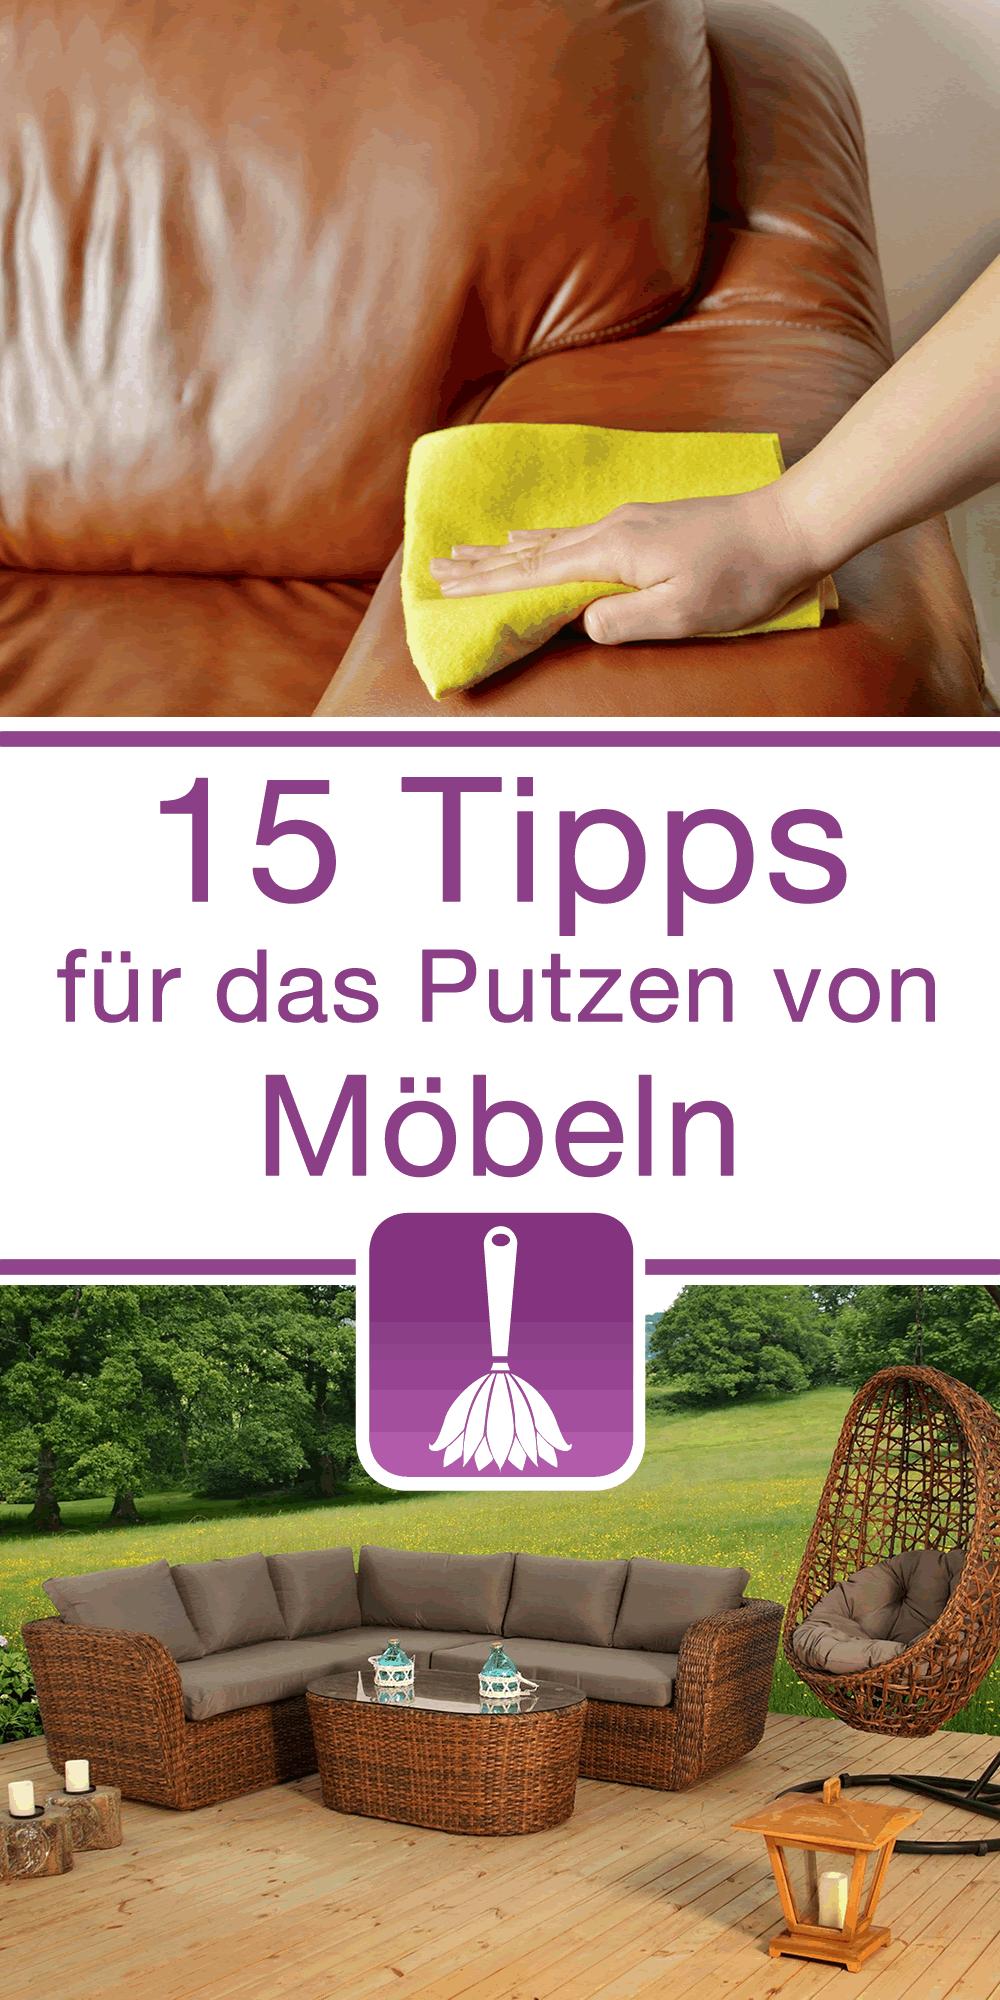 15 tipps tricks f r das putzen von m beln putzen. Black Bedroom Furniture Sets. Home Design Ideas